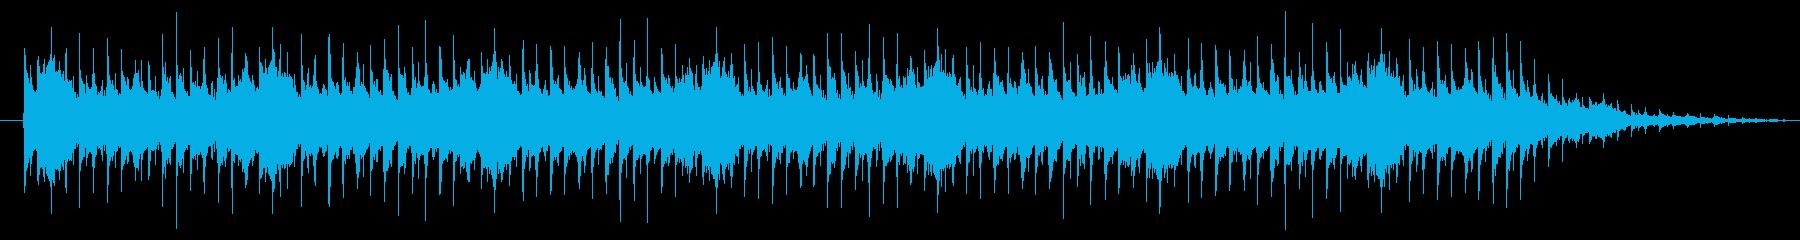 リバース音が特徴的なテクノの再生済みの波形